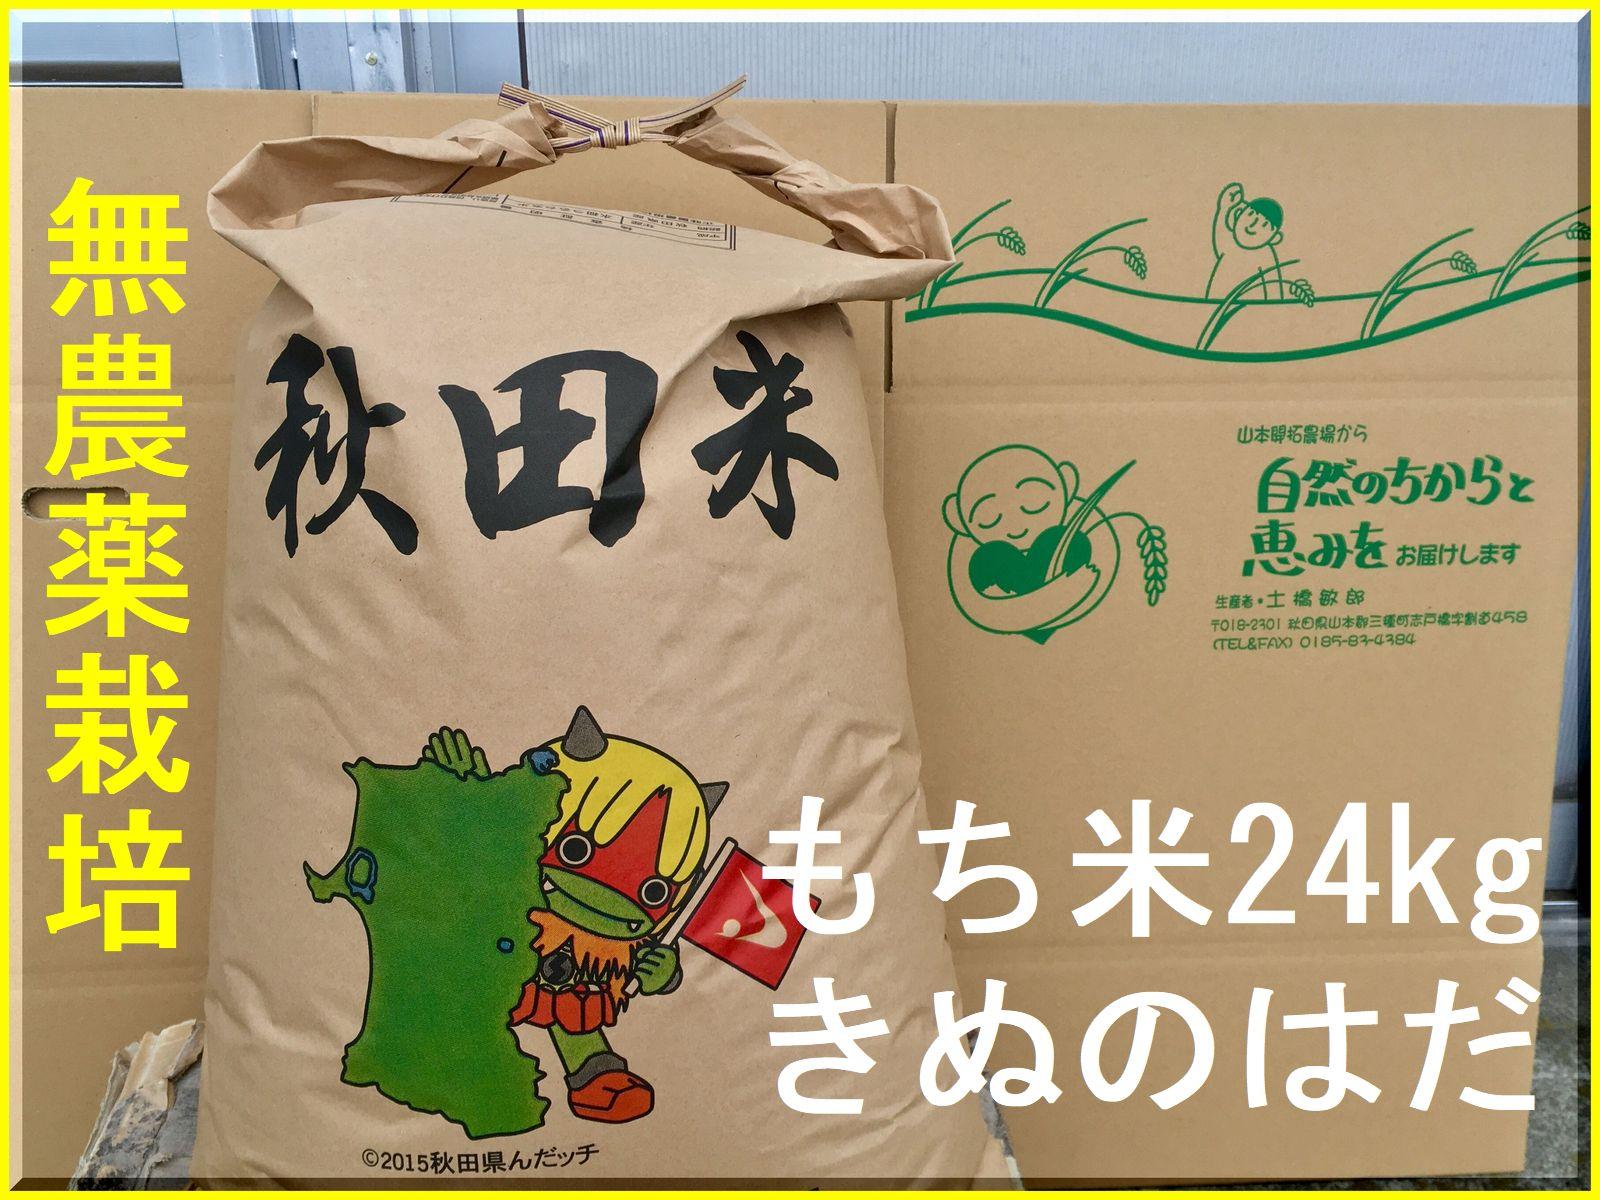 【新米】【送料無料】【30年産】【秋田県産】【無農薬 玄米】【きぬのはだ】安心で美味しいもち米24kg×1袋